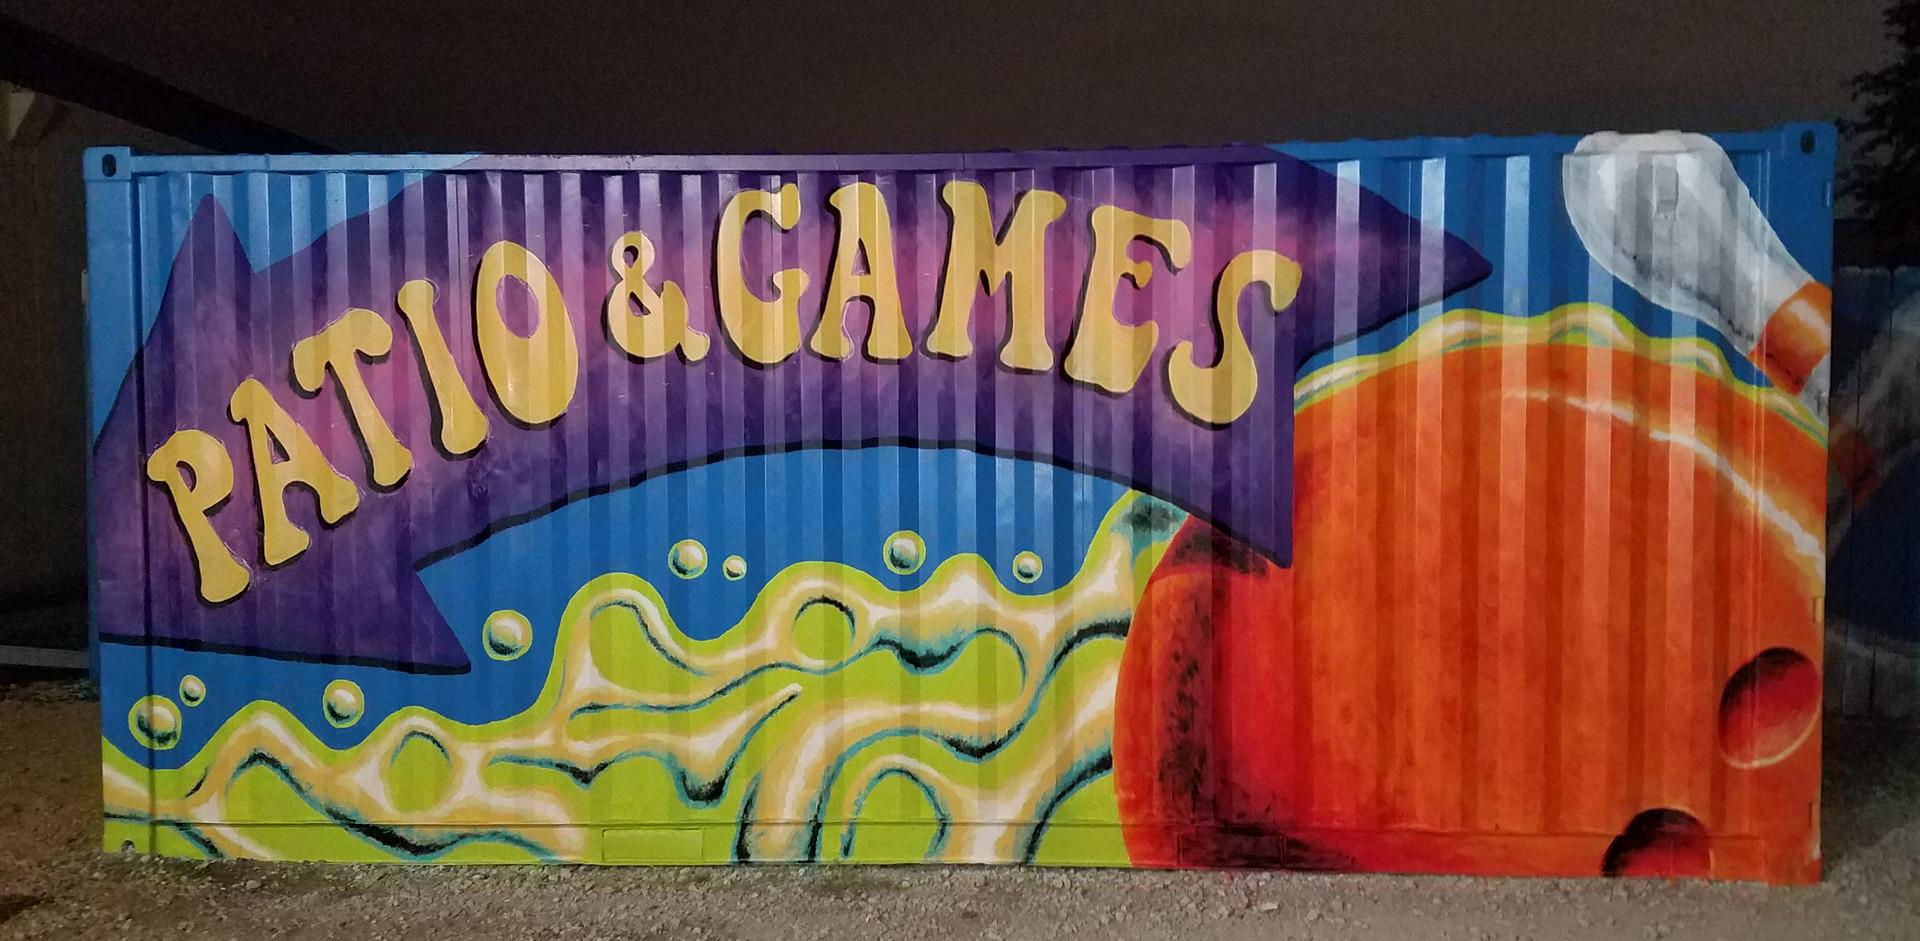 <--- PATIO & GAMES